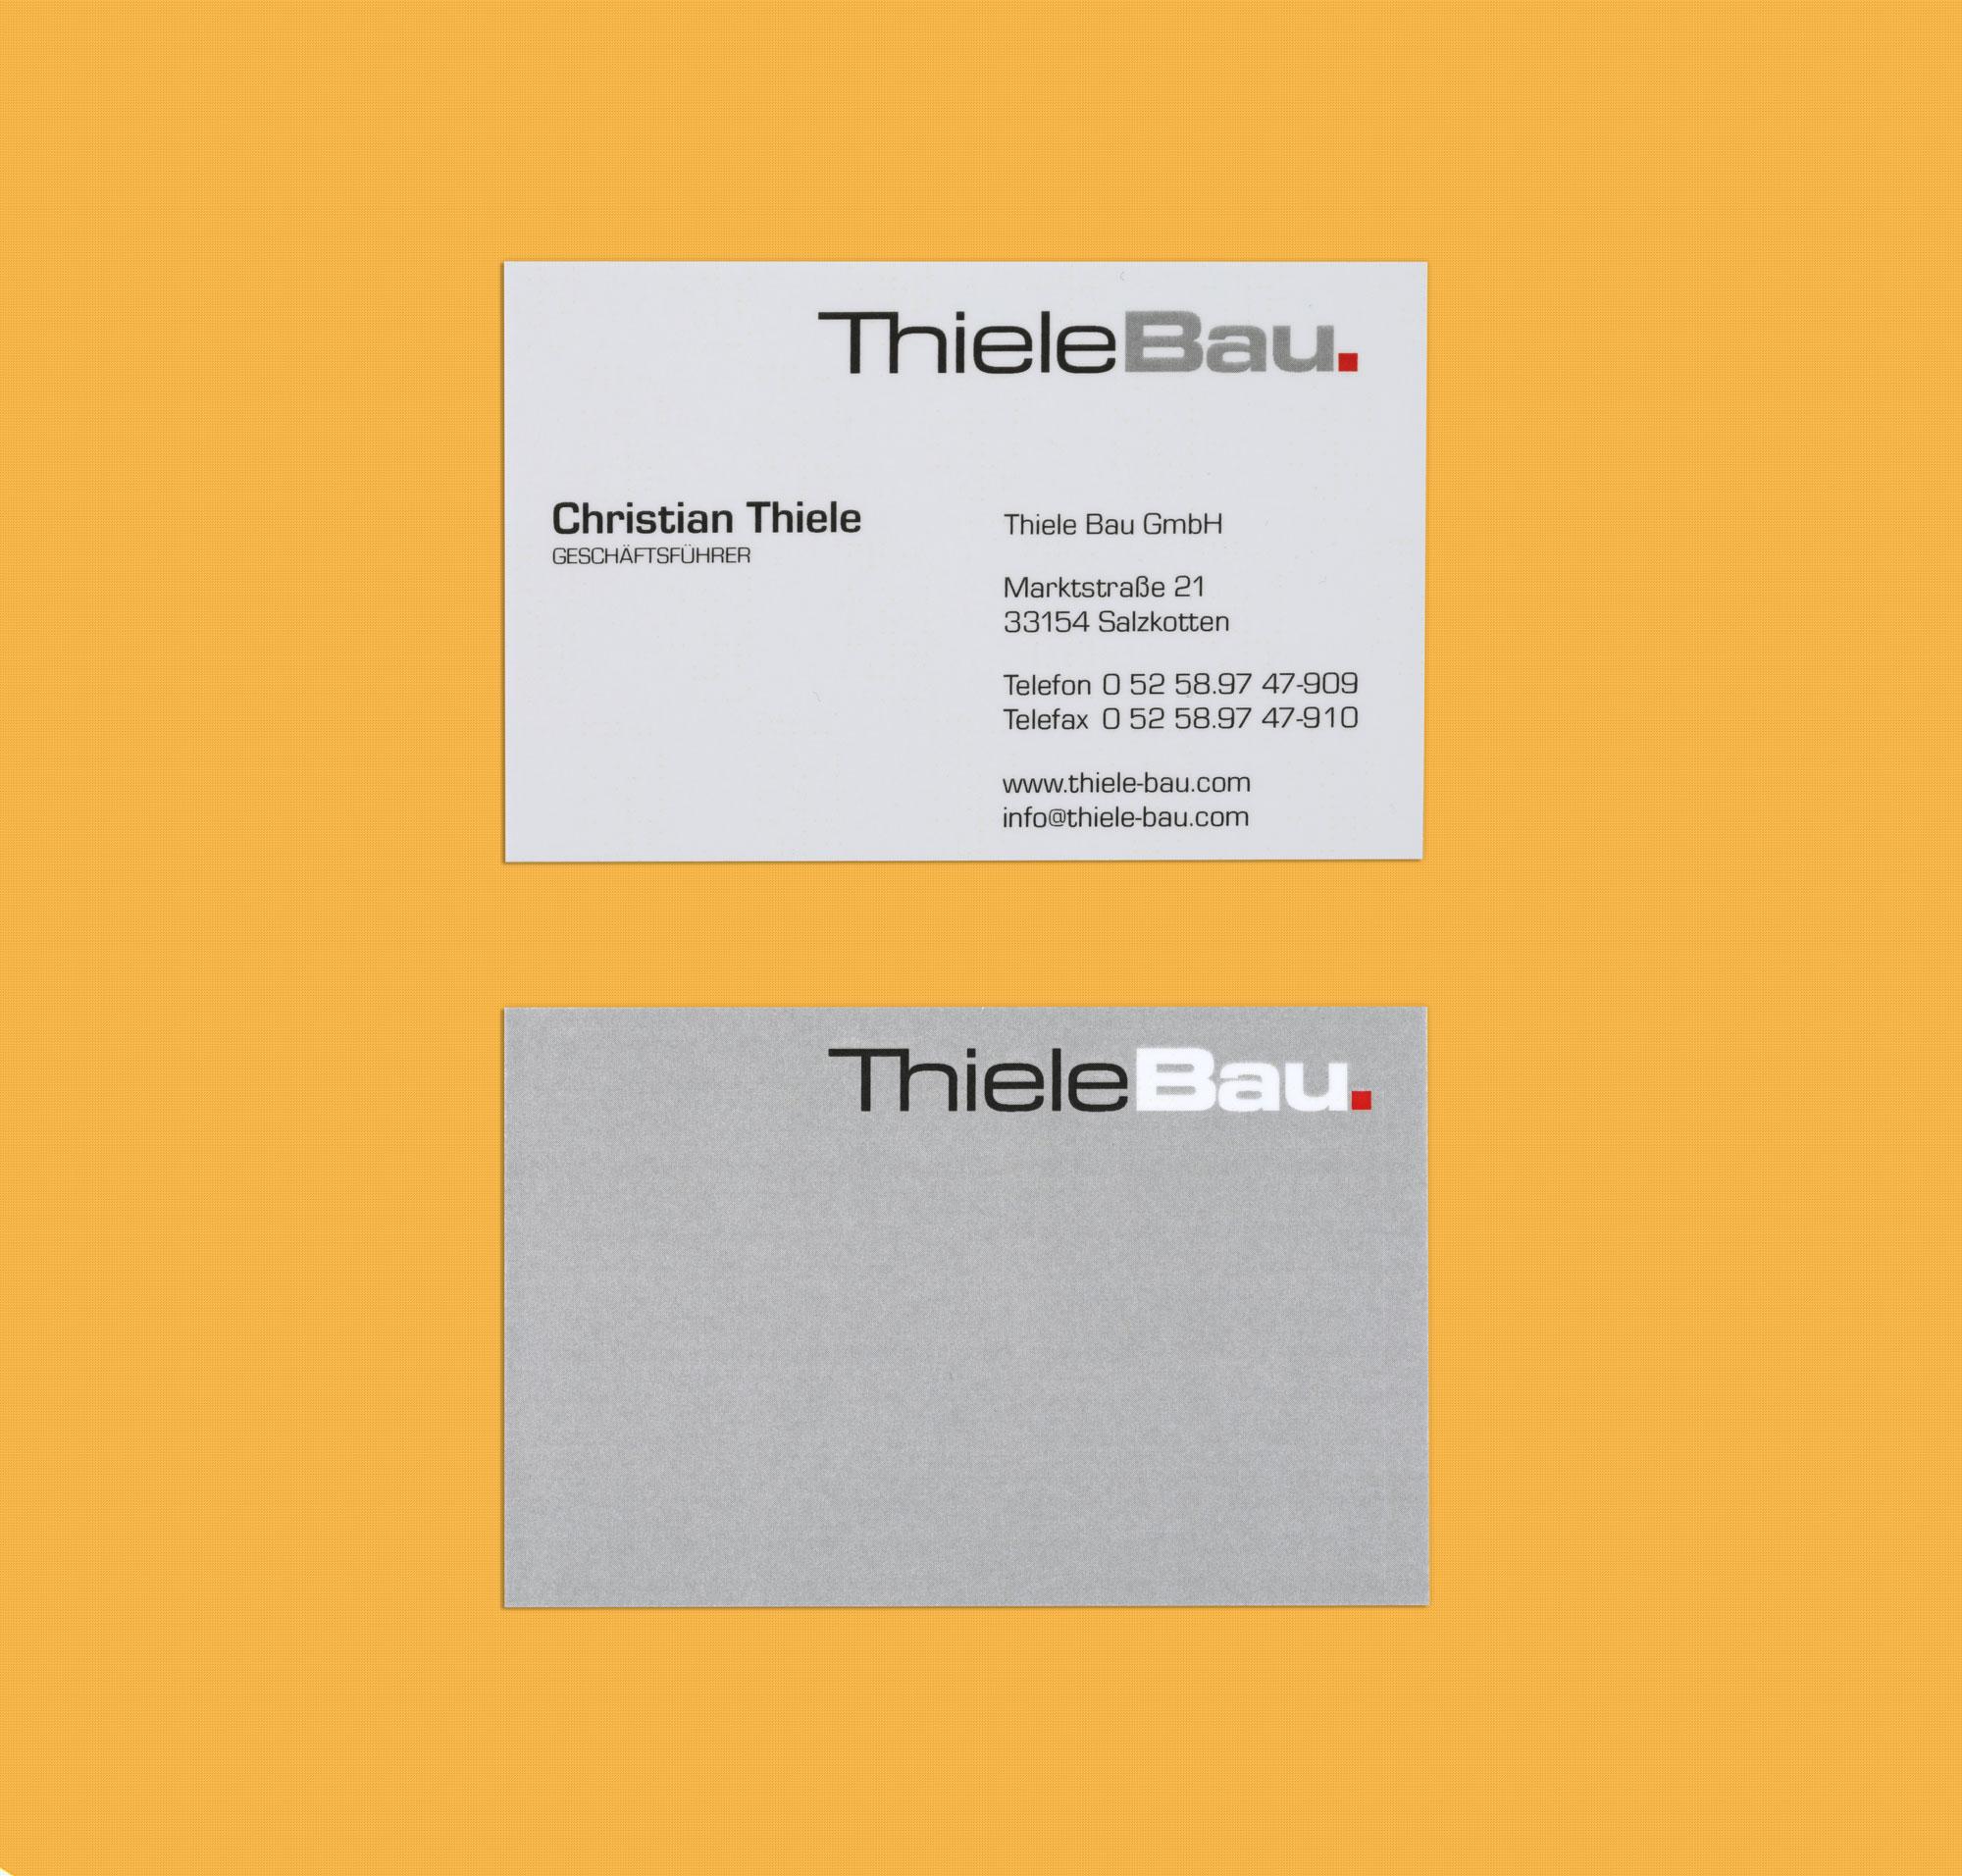 Hüppmeier Marketing und Design GmbH - Referenz - ThieleBau Visitenkarte